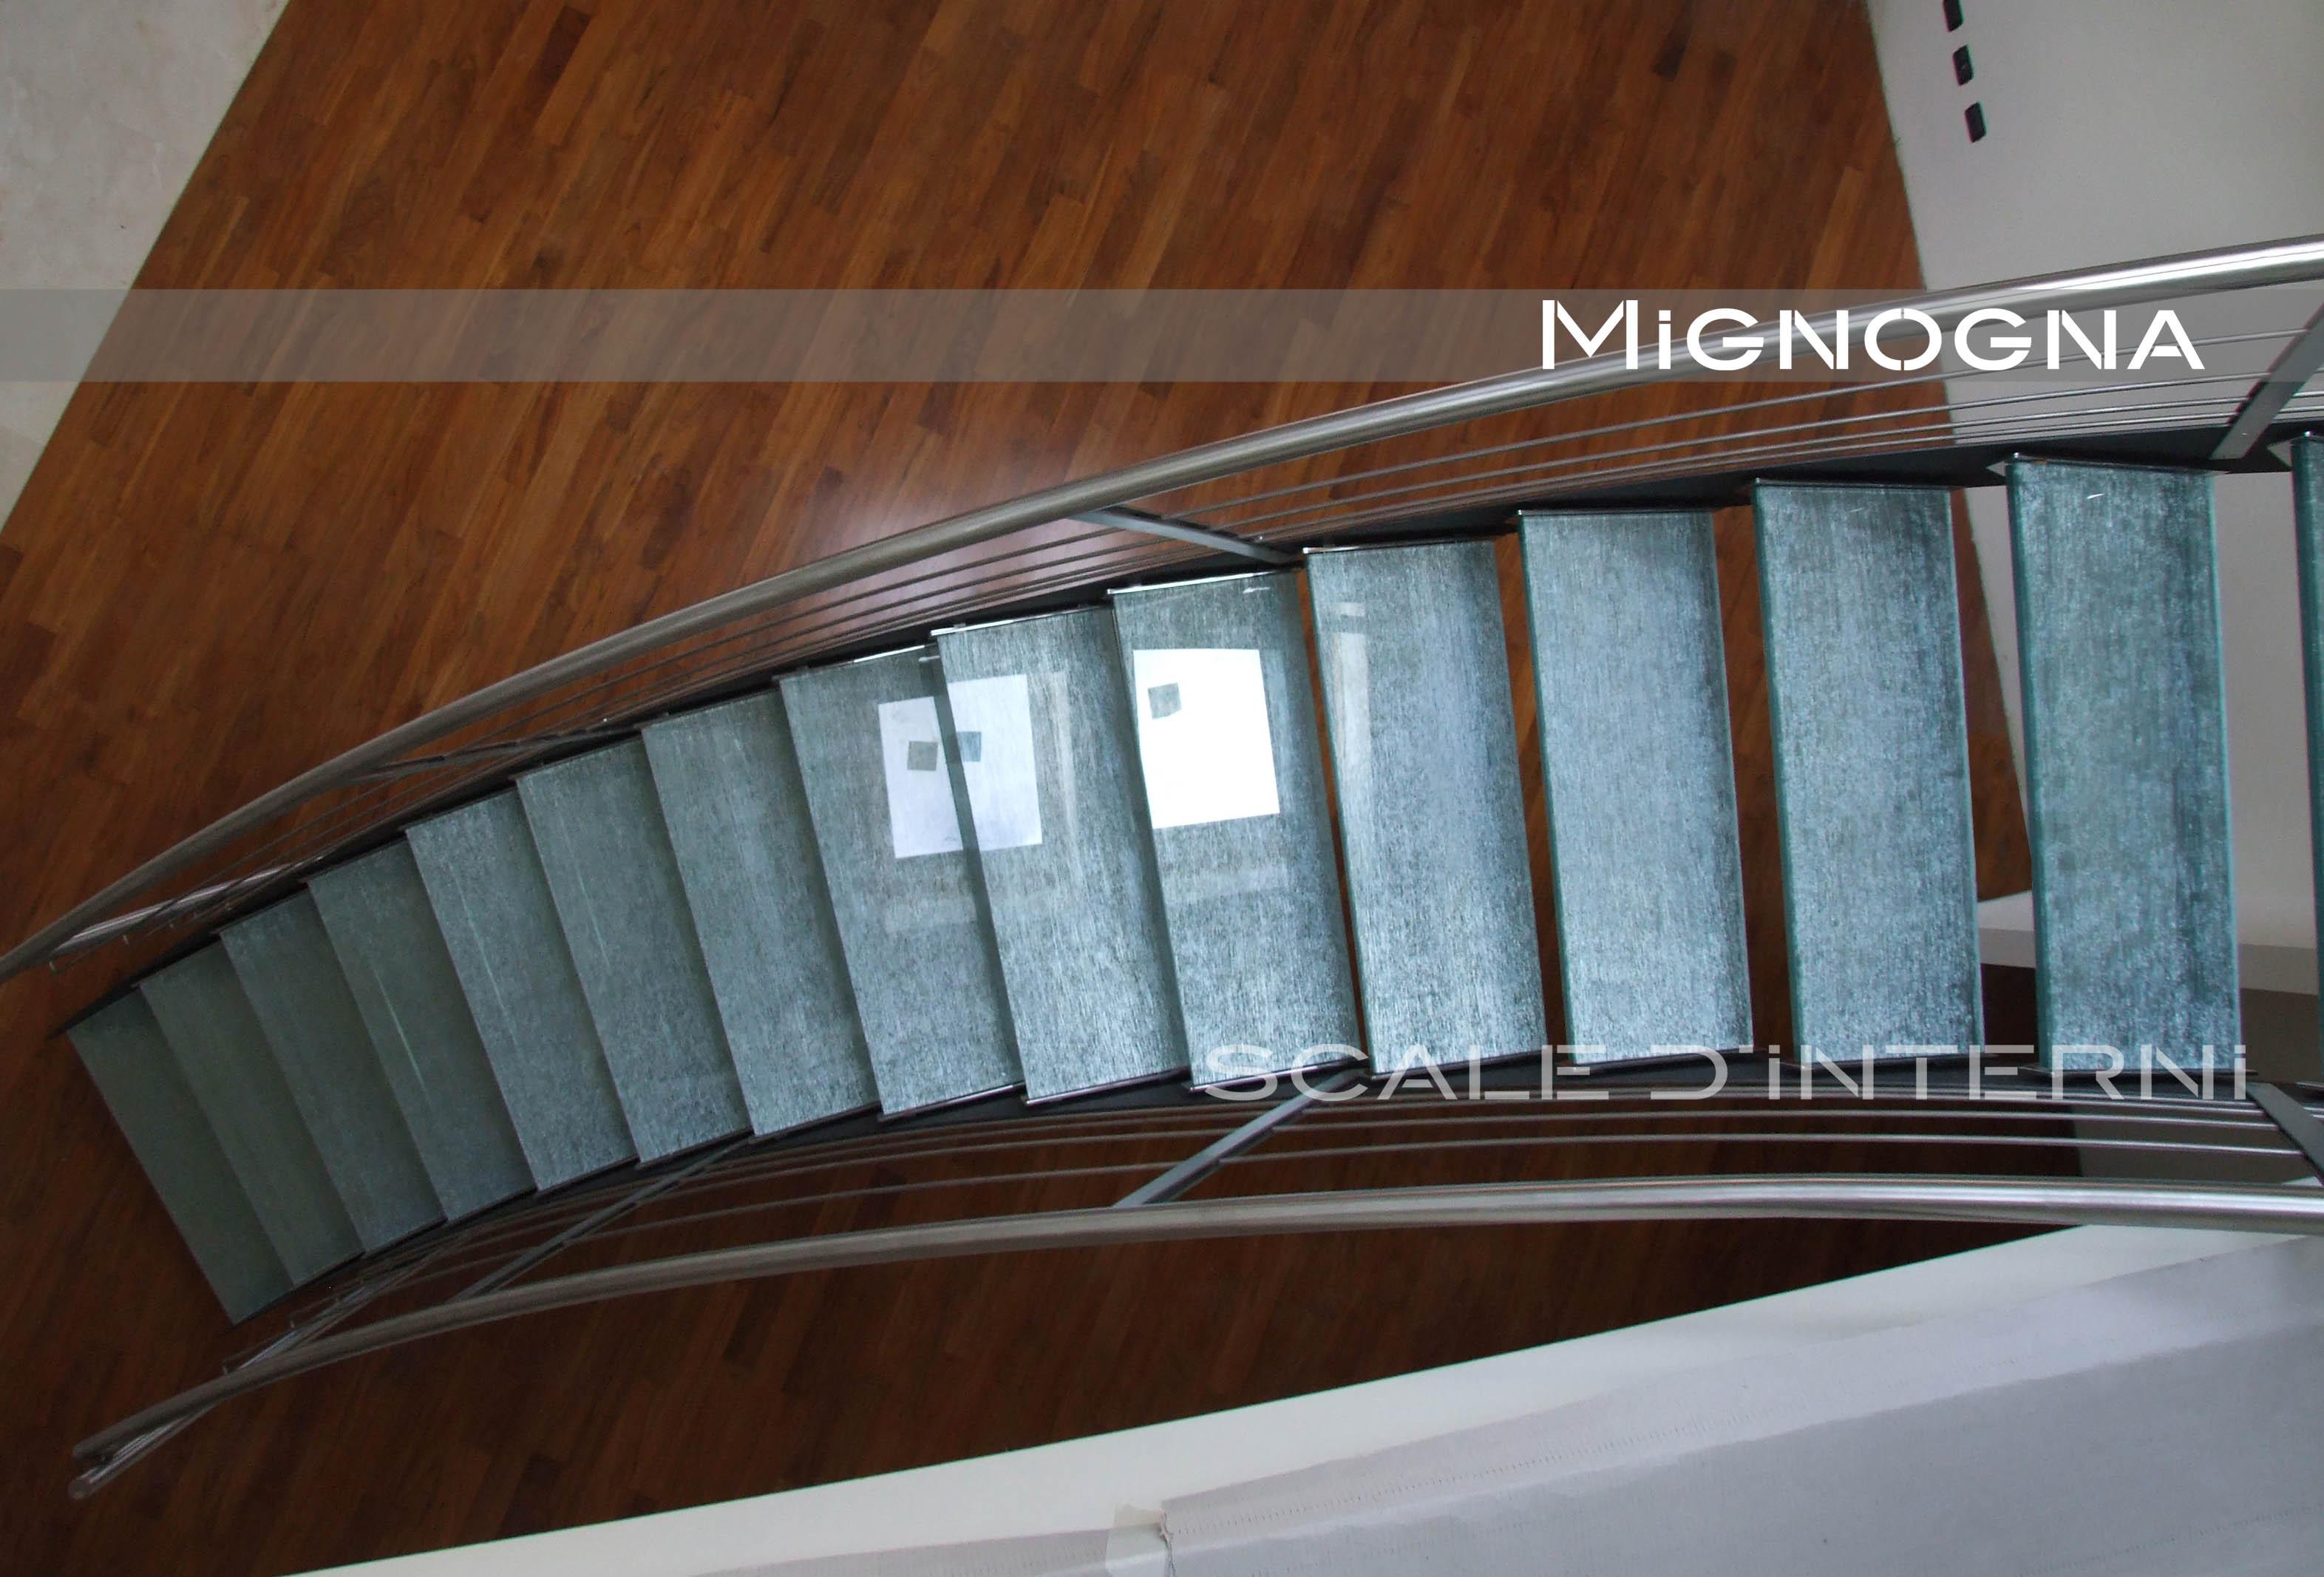 scala in acciaio cosciali in lemiera nera, gradini in vetro con inserti in seta, vista dall'alto